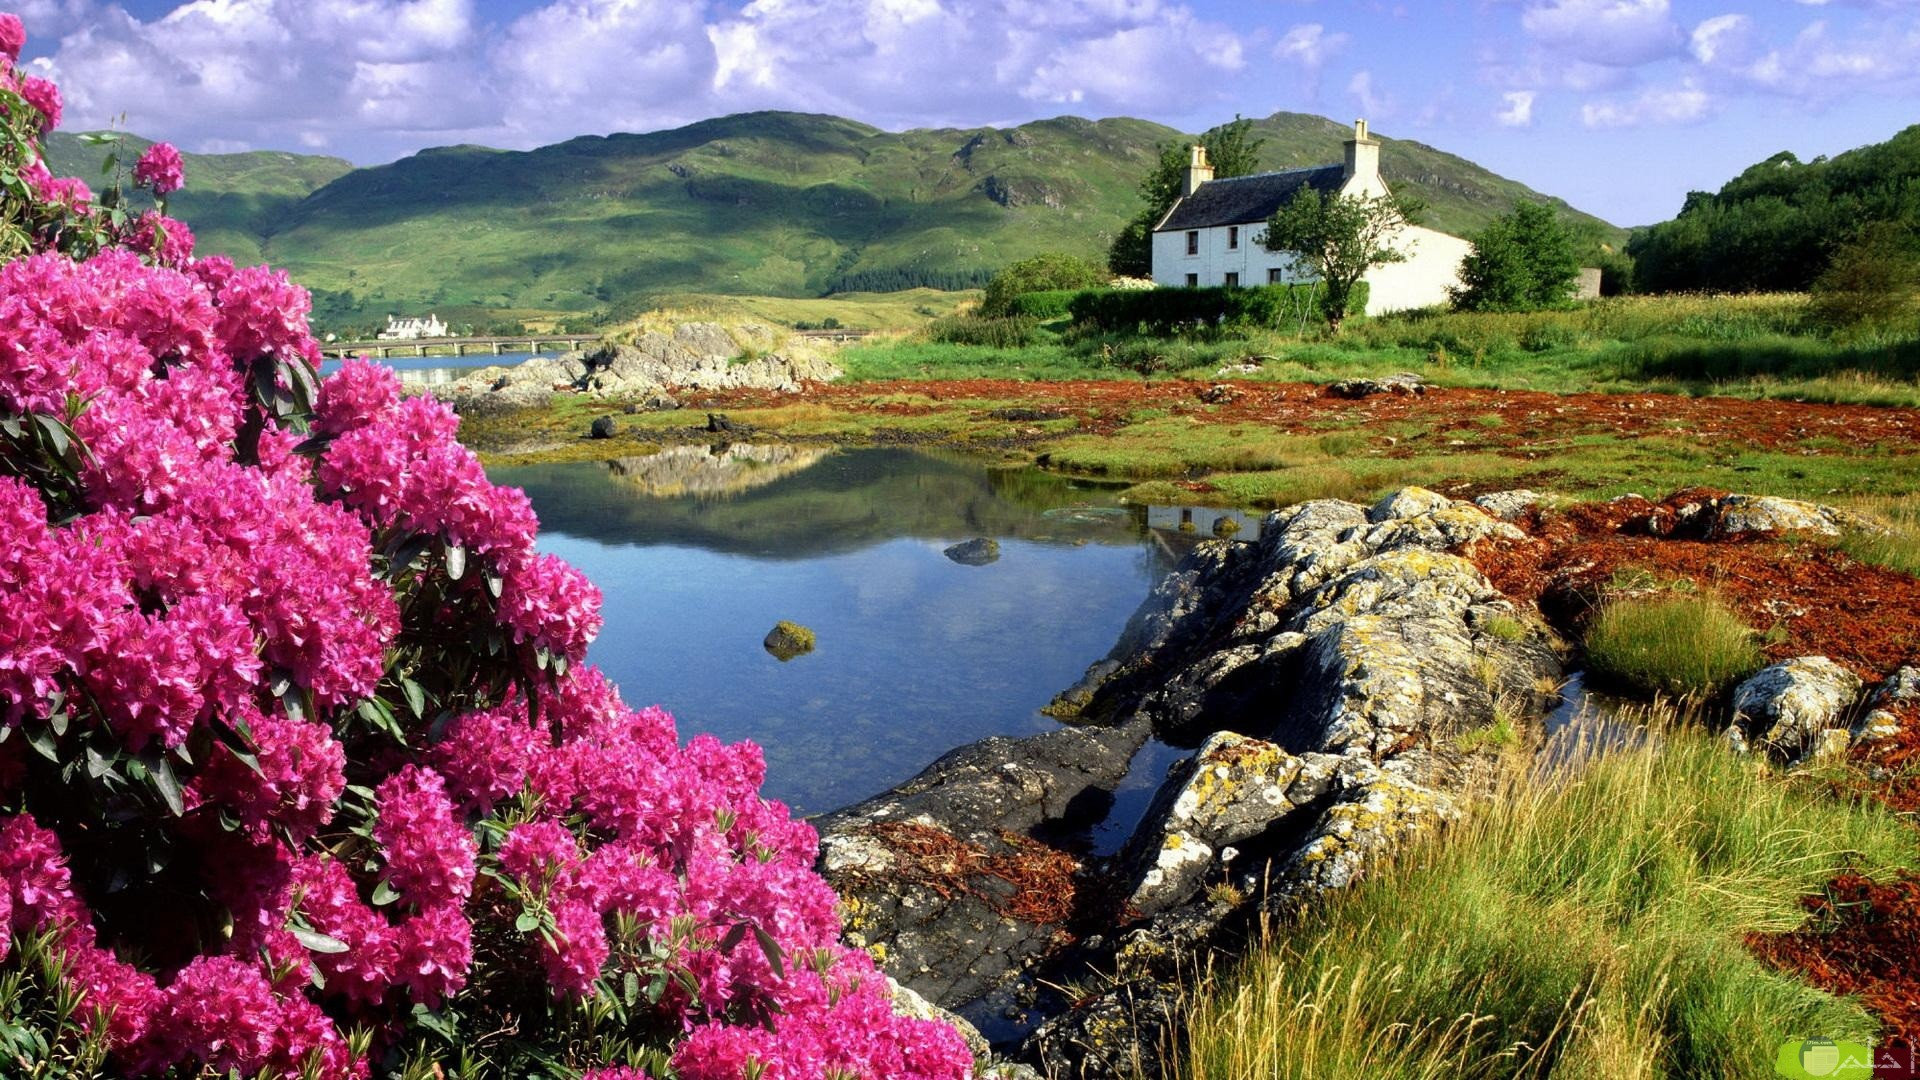 البحر و الزهور و الجمال.